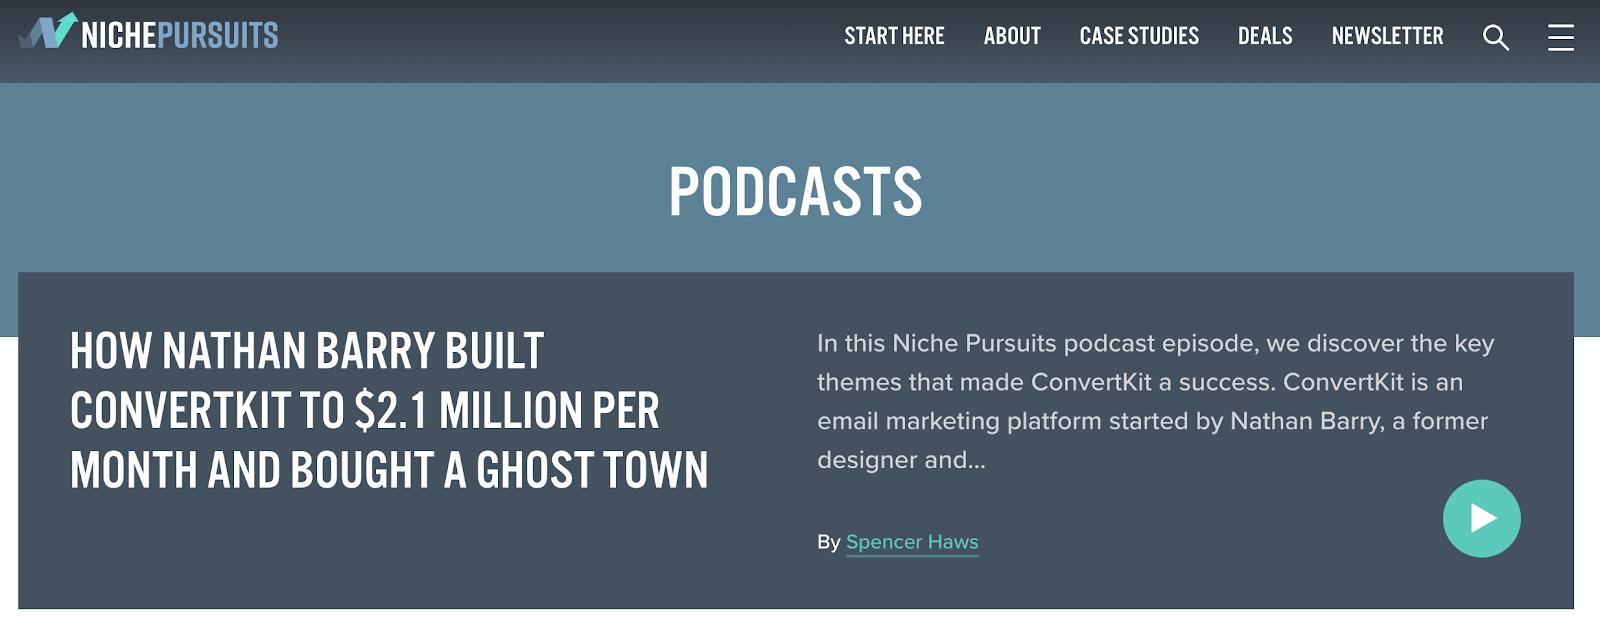 Niche tracks podcast